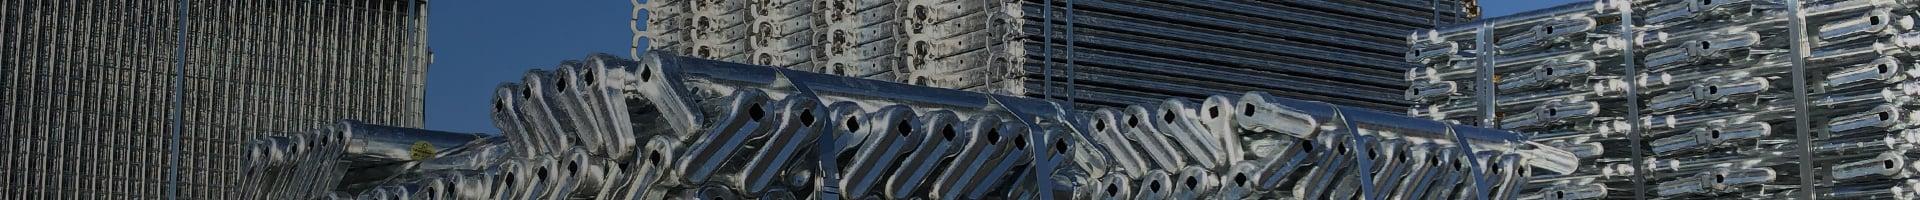 「仮設足場資材の販売・買取」イメージ画像